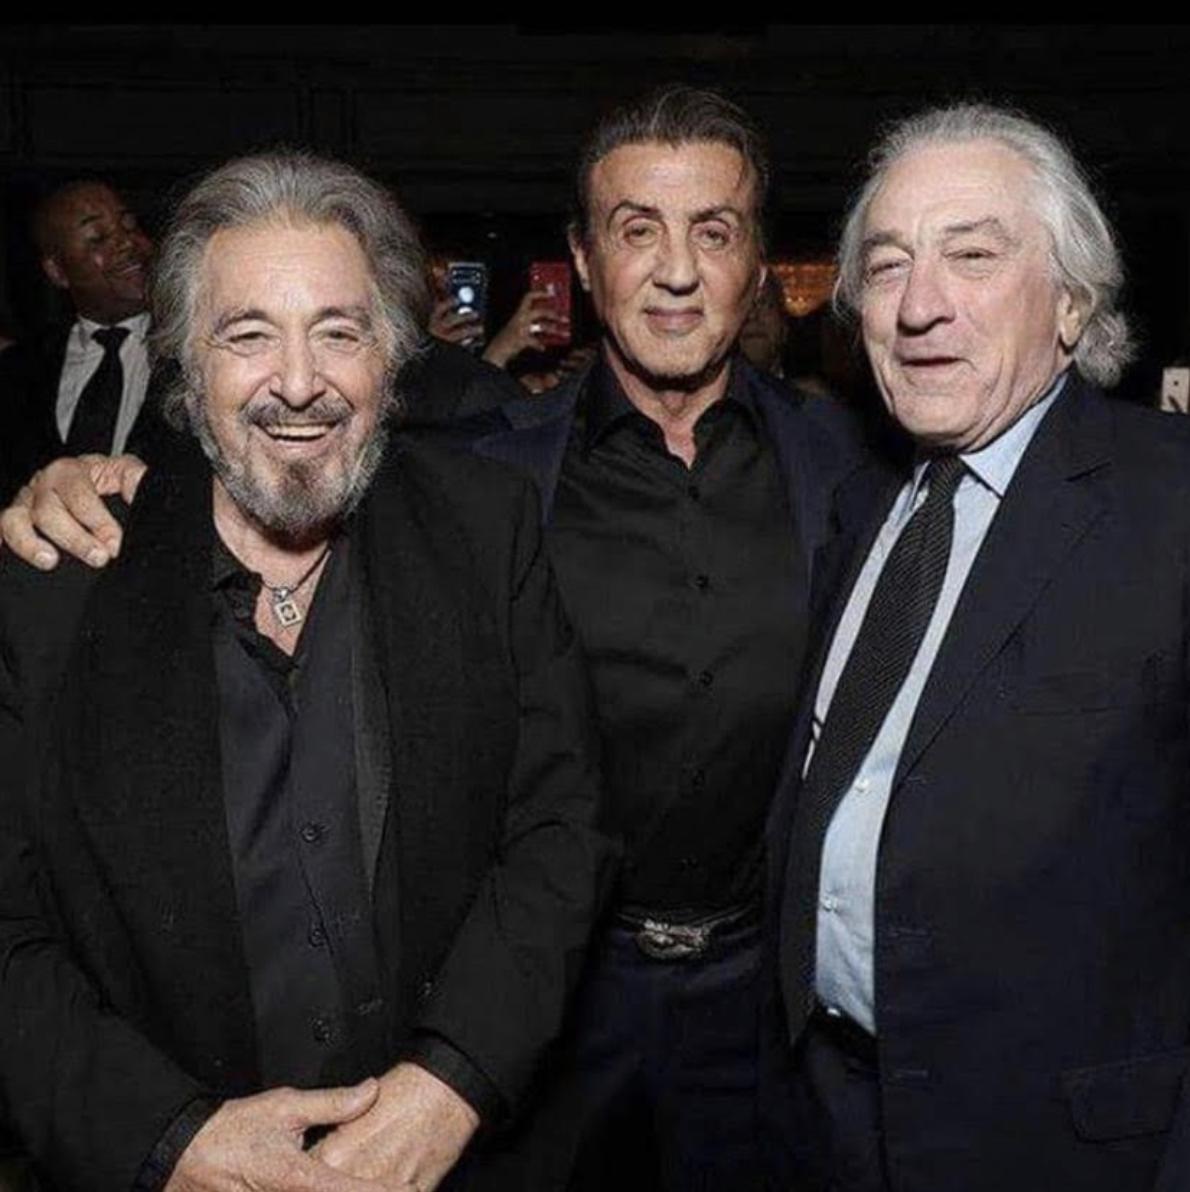 Al Pacino, Evander Holyfield, Quincy Jones, Robert De Niro ...